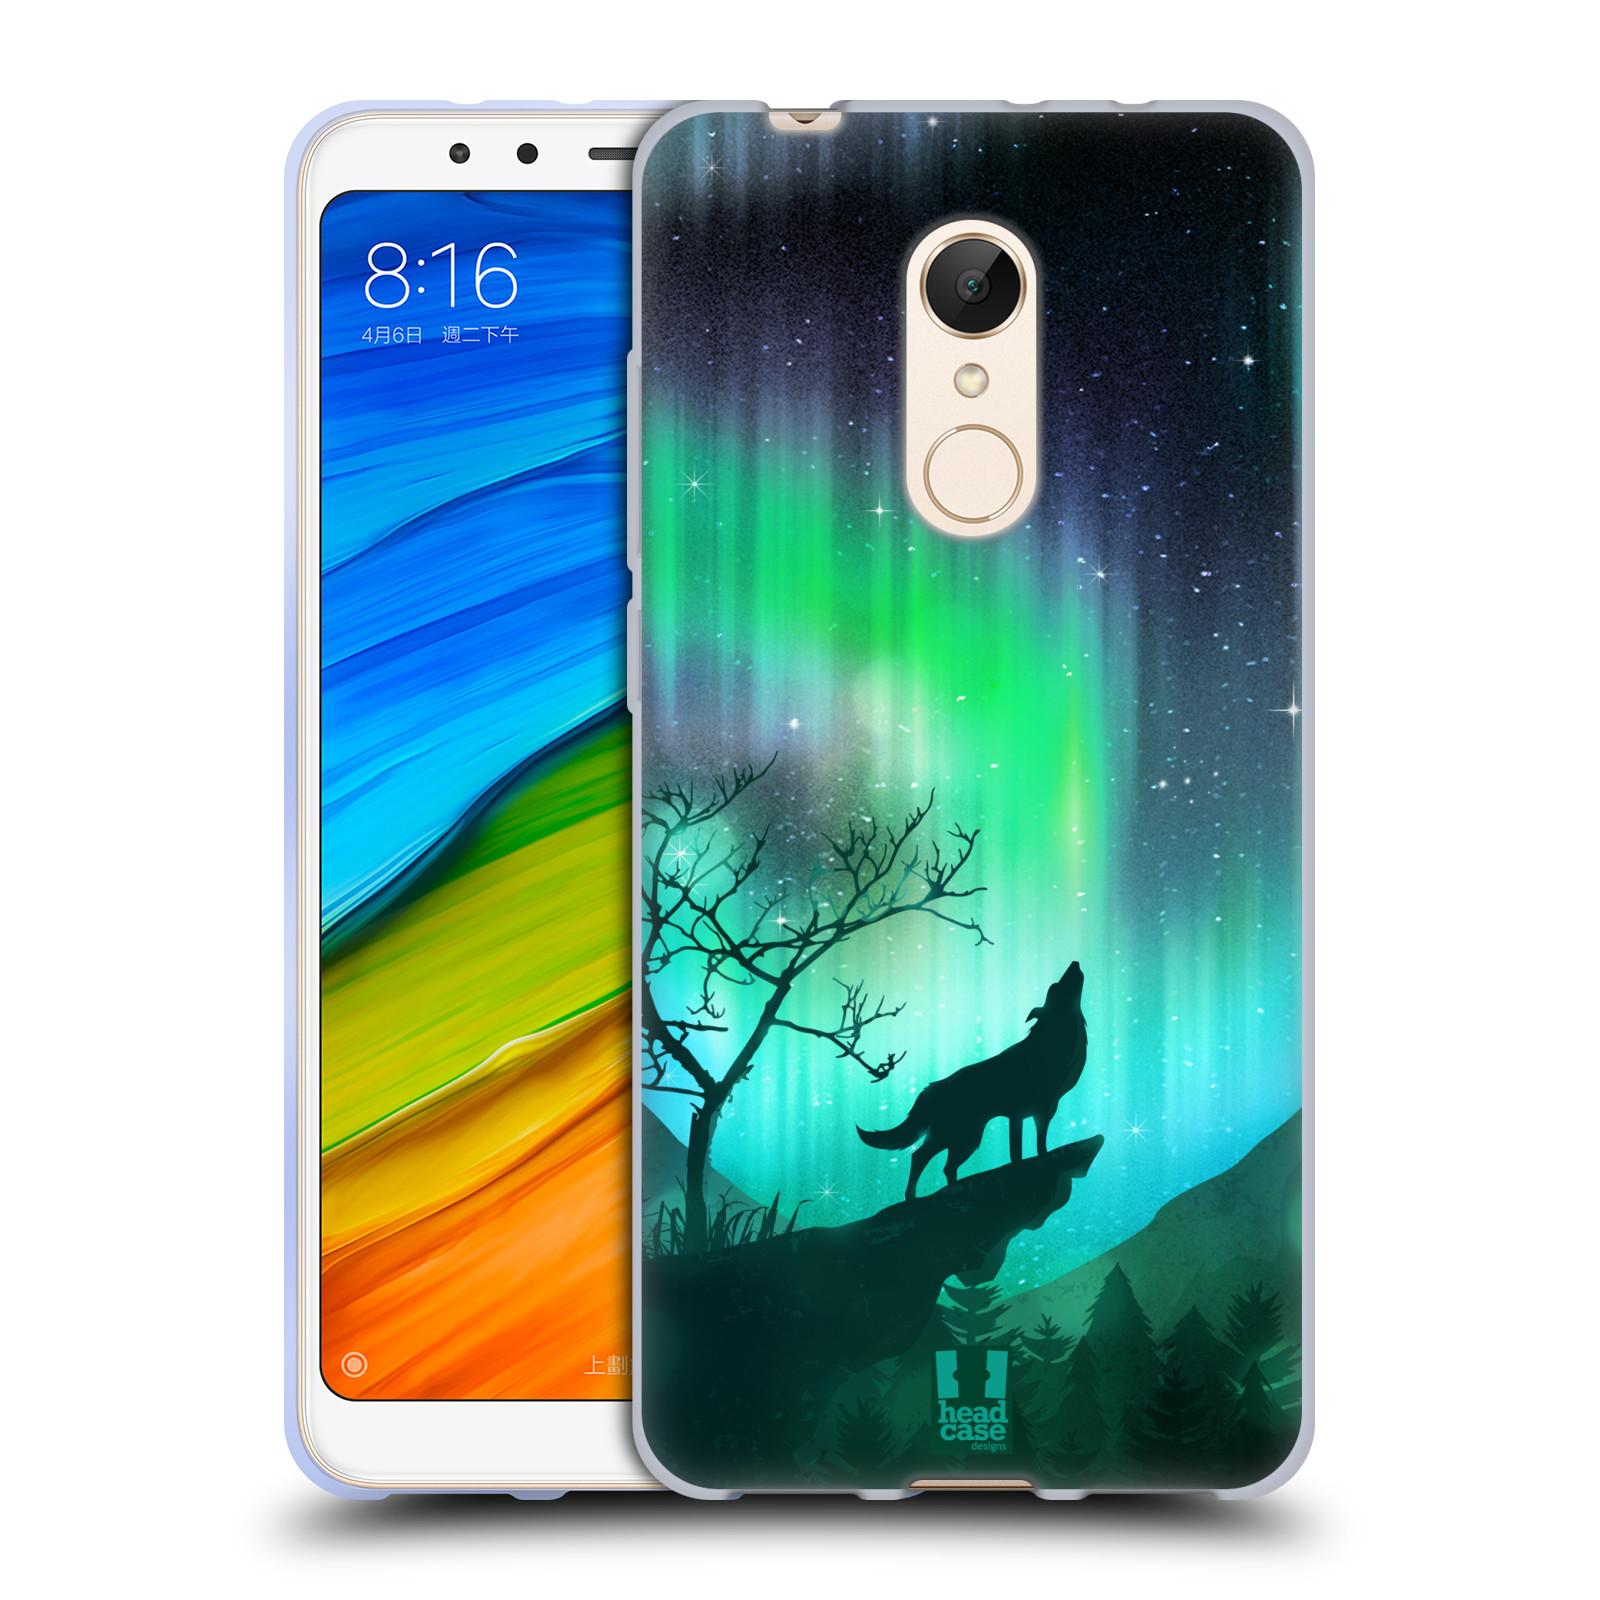 Silikonové pouzdro na mobil Xiaomi Redmi 5 - Head Case - POLÁRNÍ ZÁŘE VLK (Silikonový kryt či obal na mobilní telefon Xiaomi Redmi 5 s motivem POLÁRNÍ ZÁŘE VLK)